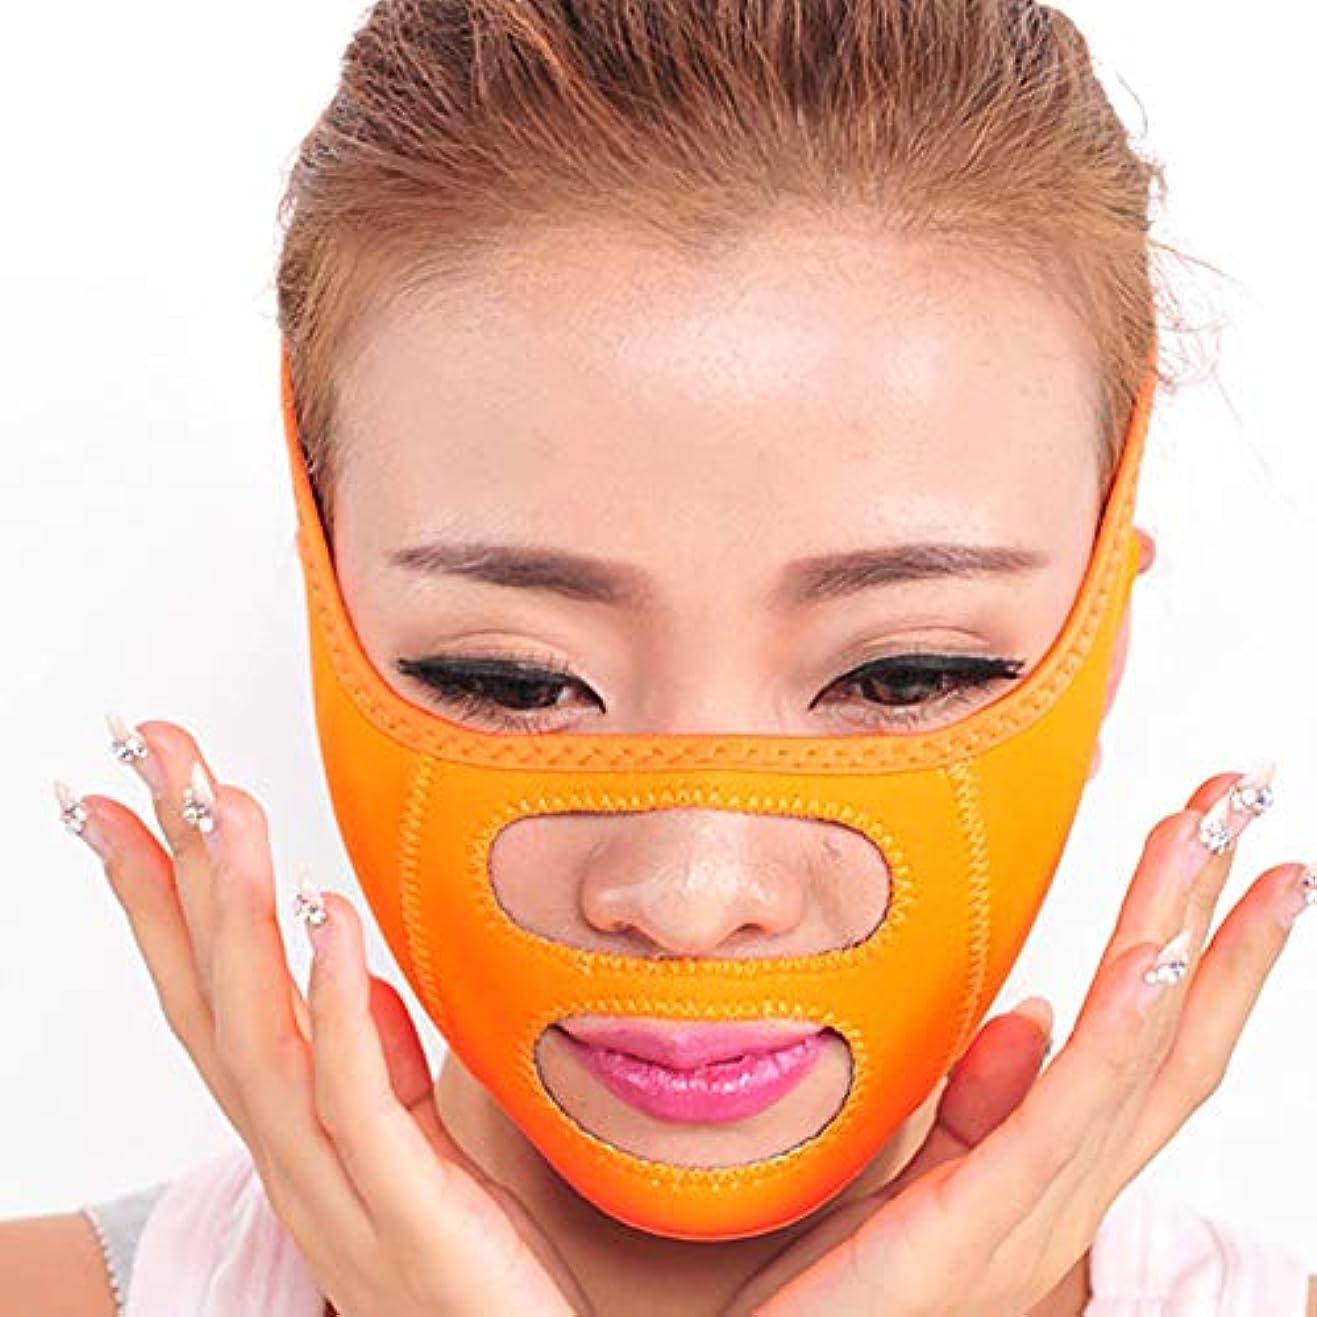 ショップ生まれ吐くVラインマスク、ネックマスクフェイスリフトVリフティングチンアップパッチダブルチンリデューサーネックリフト,Orange